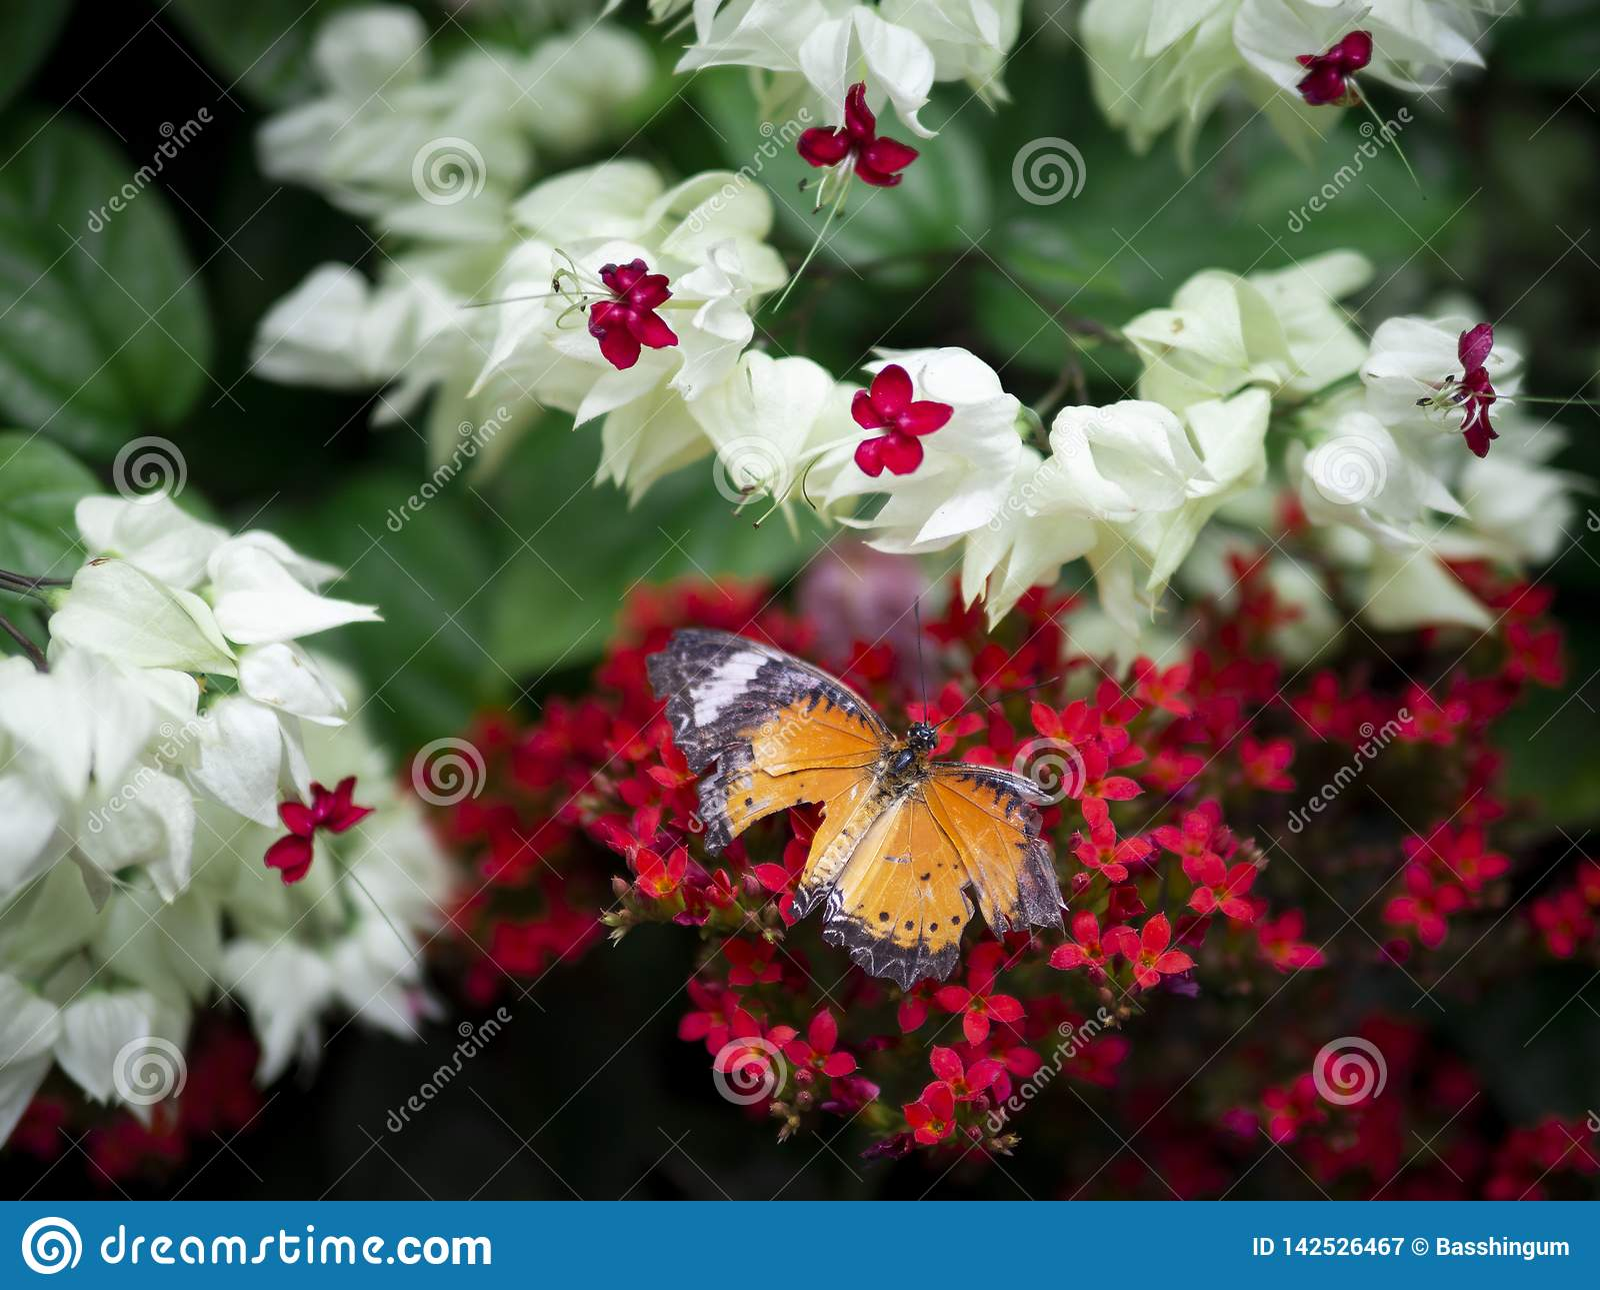 Abschluss herauf defekter orange Schmetterling des Flügels einfaches Tiger Danaus-chrysippus chrysippus auf roter Blume mit grüne